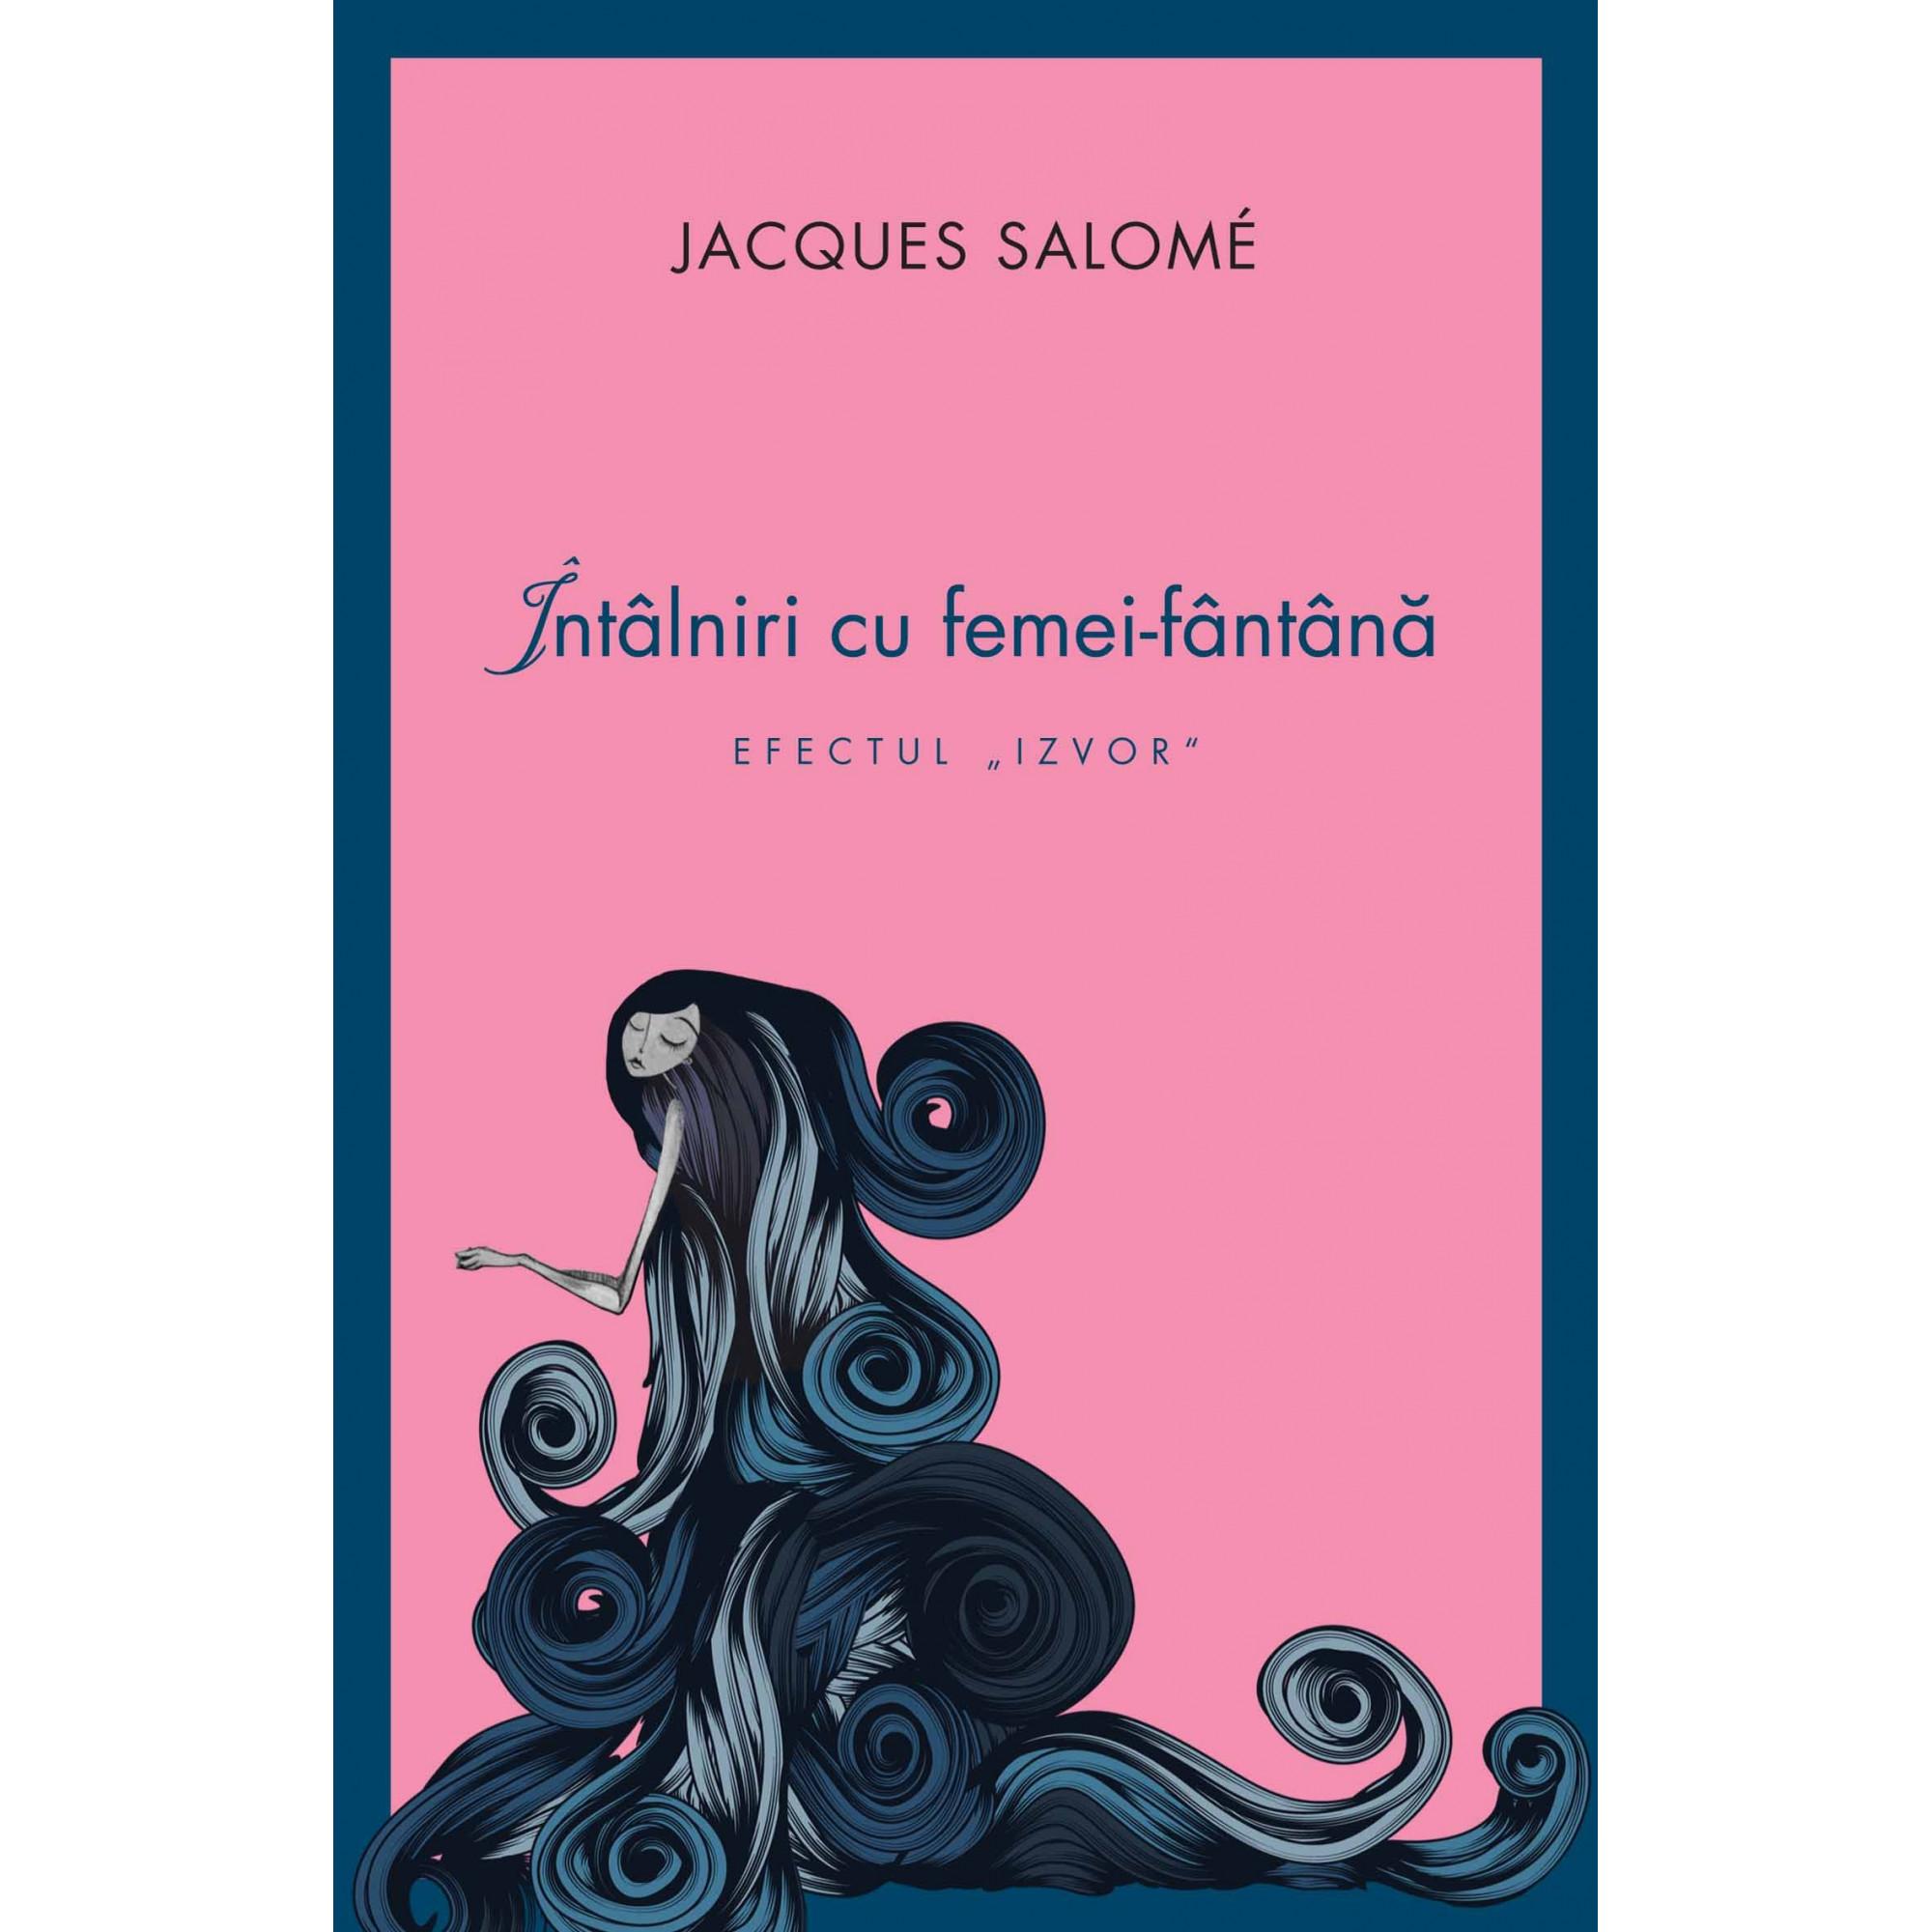 Întâlniri cu femei-fântână; Jacques Salomé